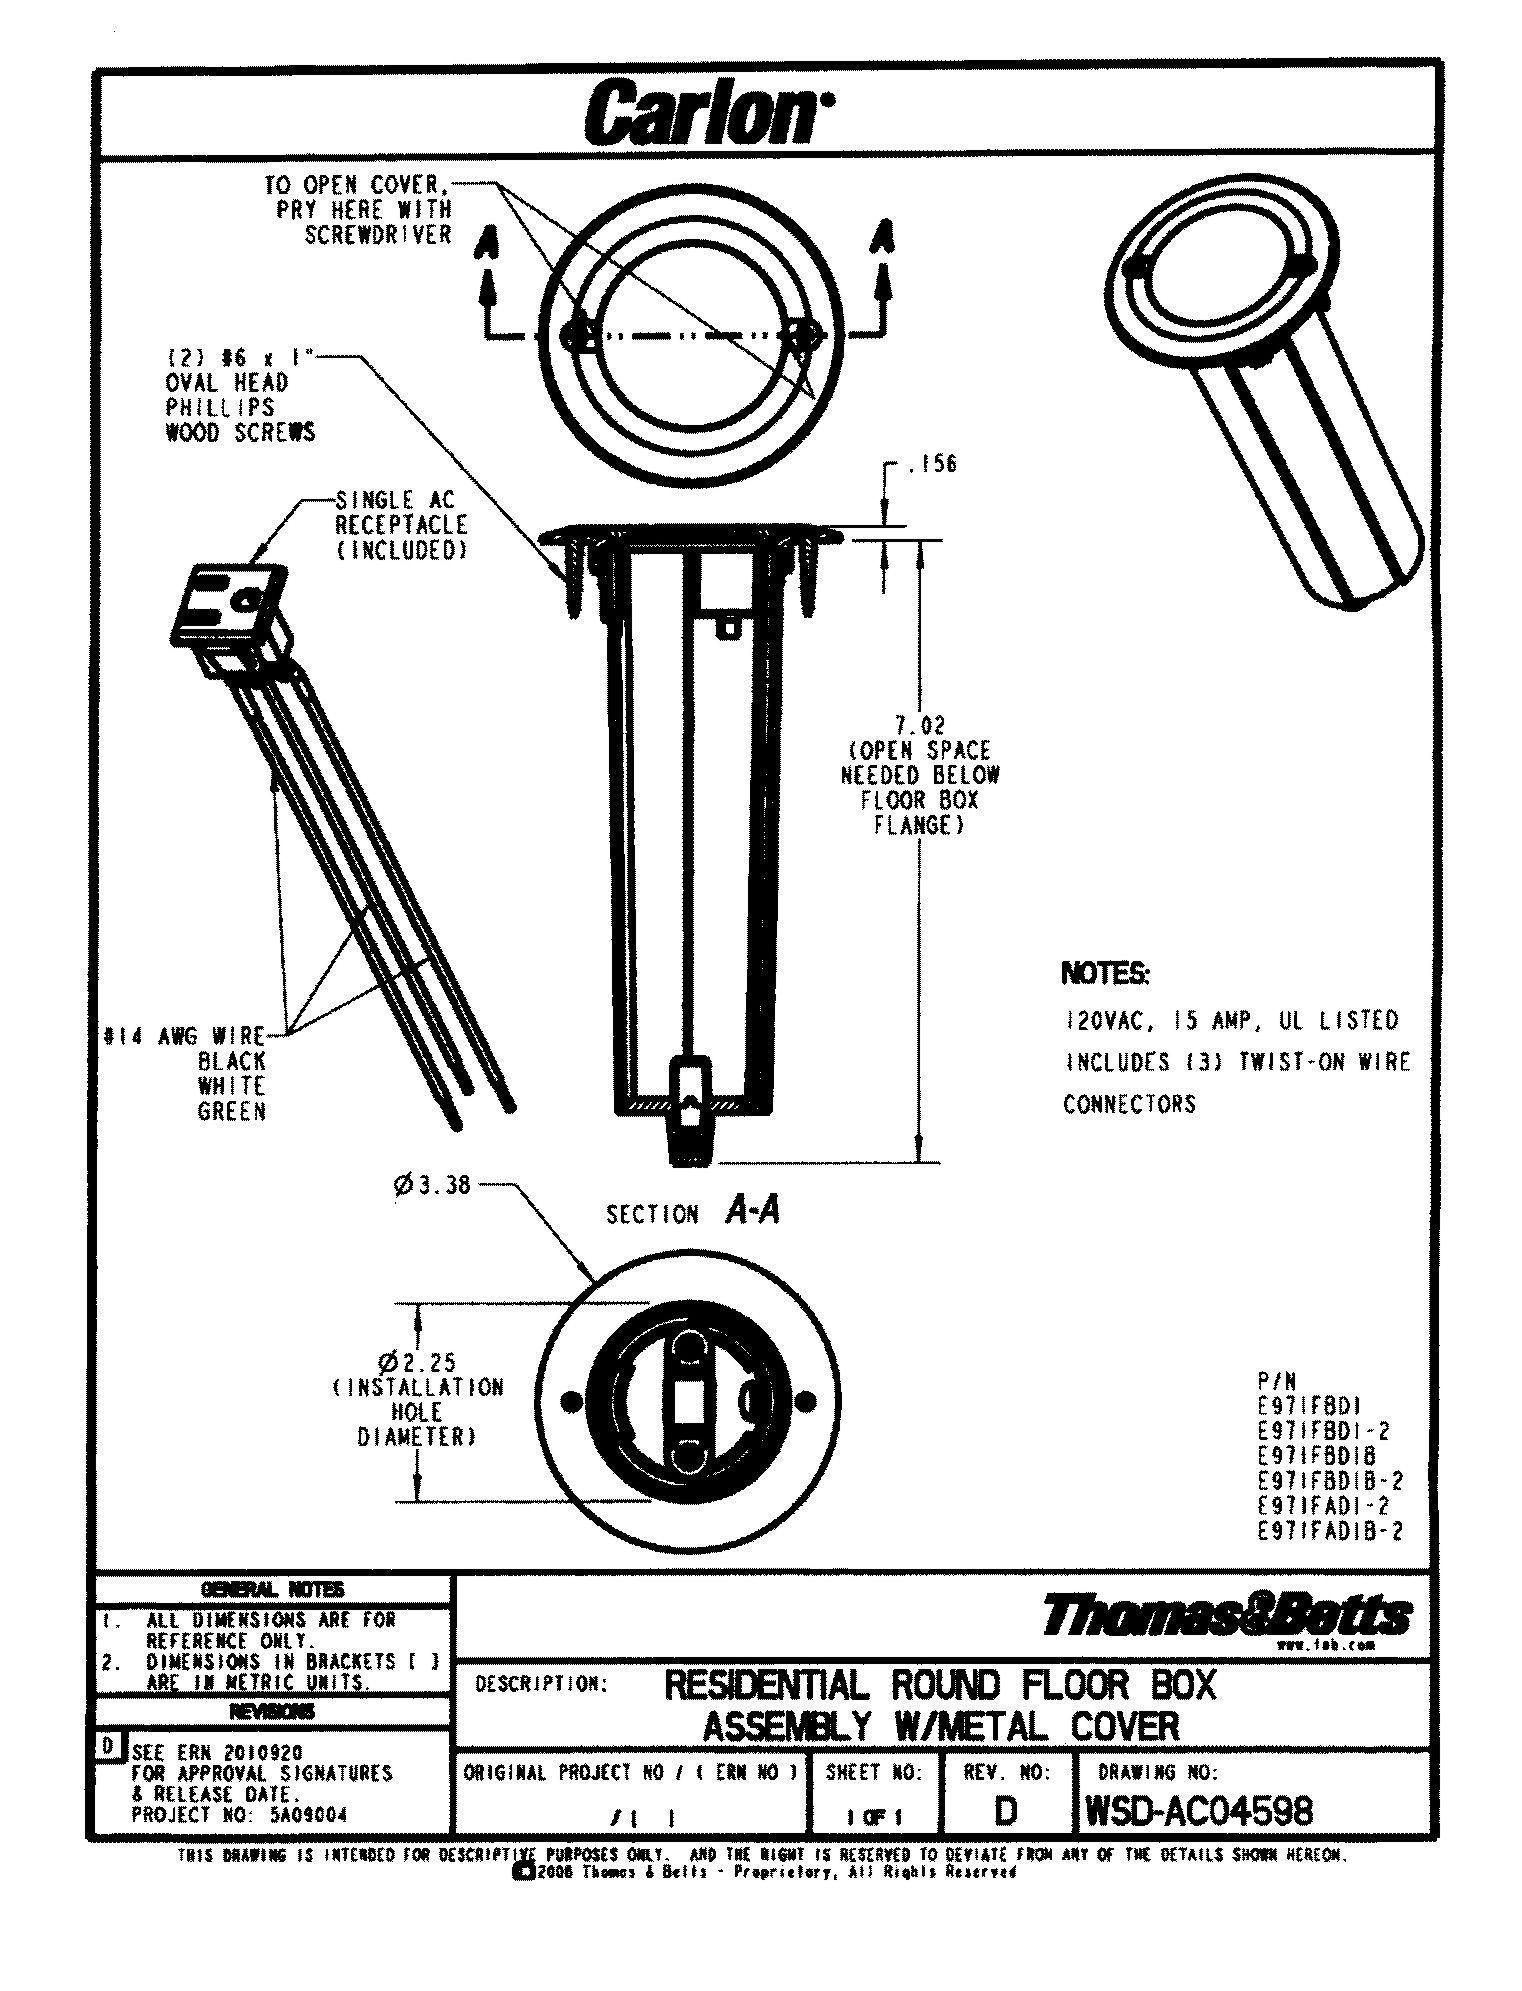 Apc E971fbdib 2